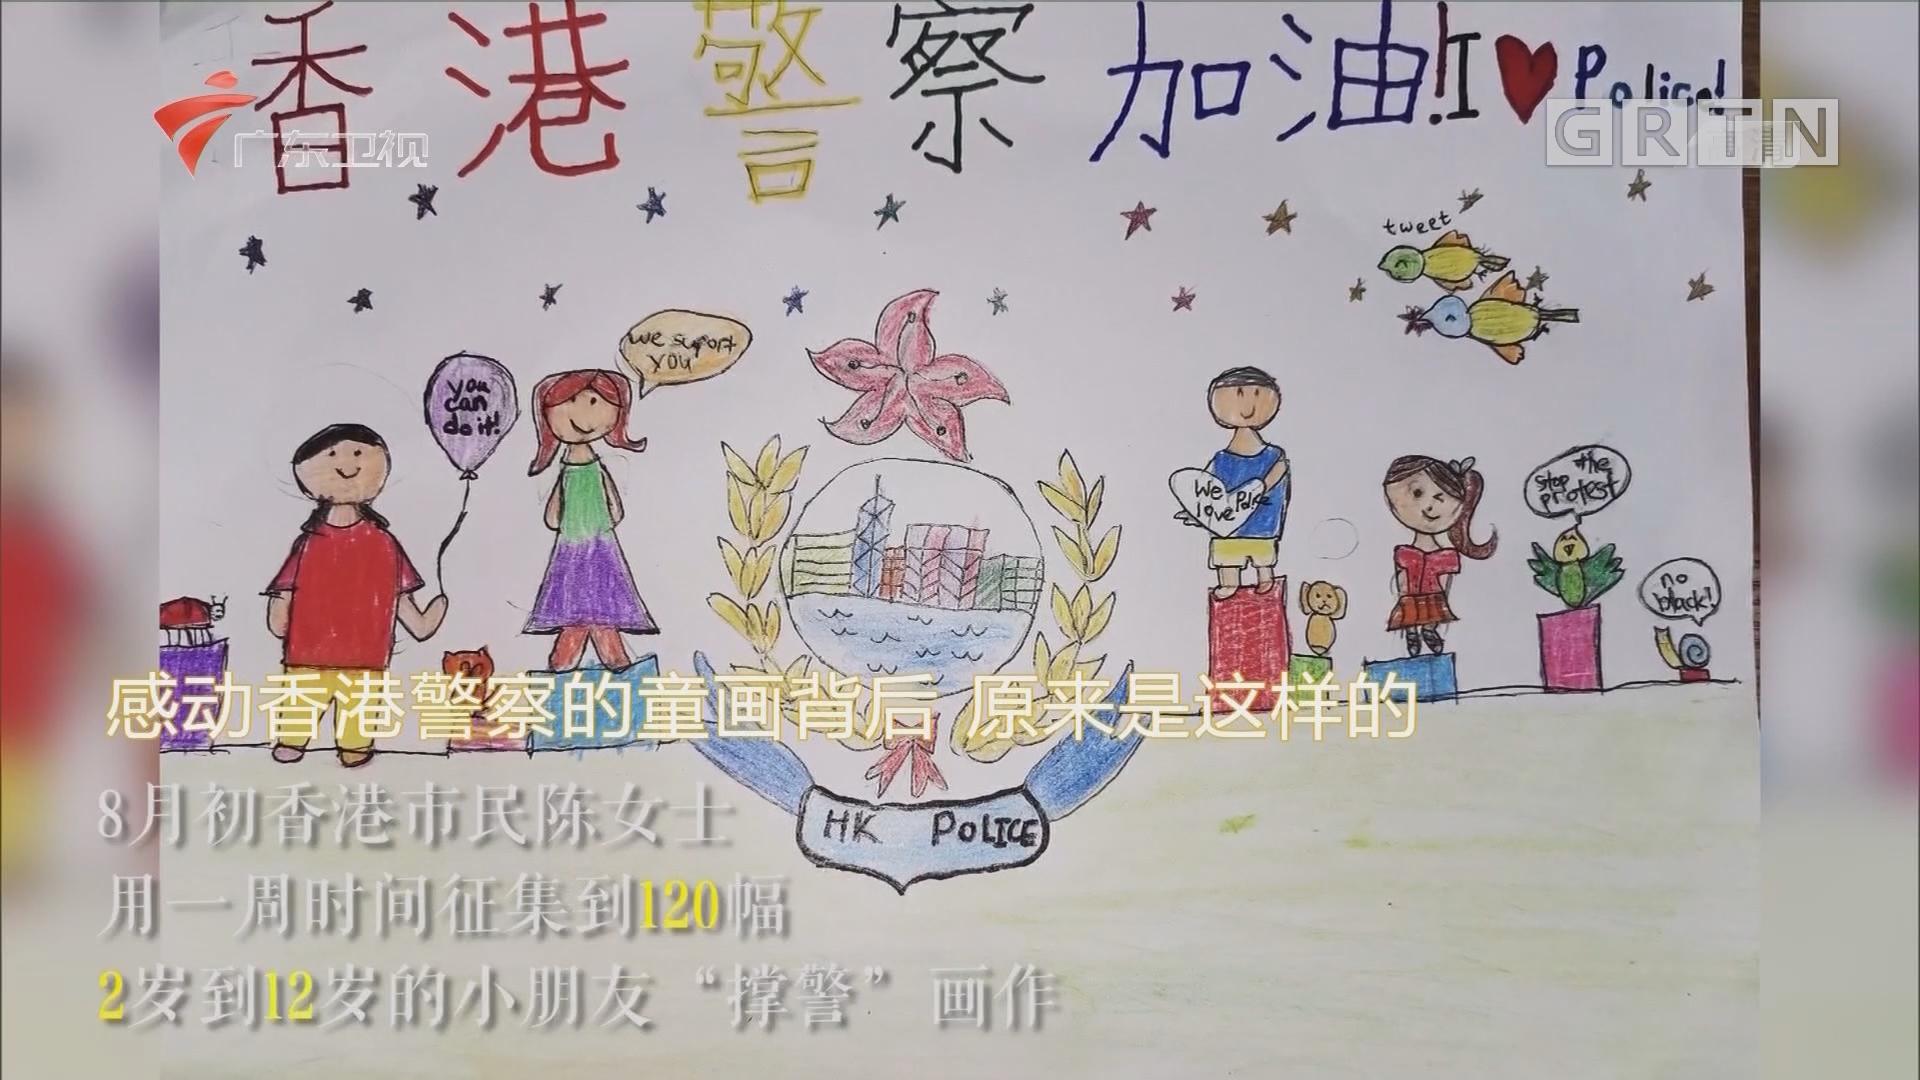 """8月初香港市民陈女士用一周时间征集到120幅2岁到3岁的小朋友""""撑警""""画作"""